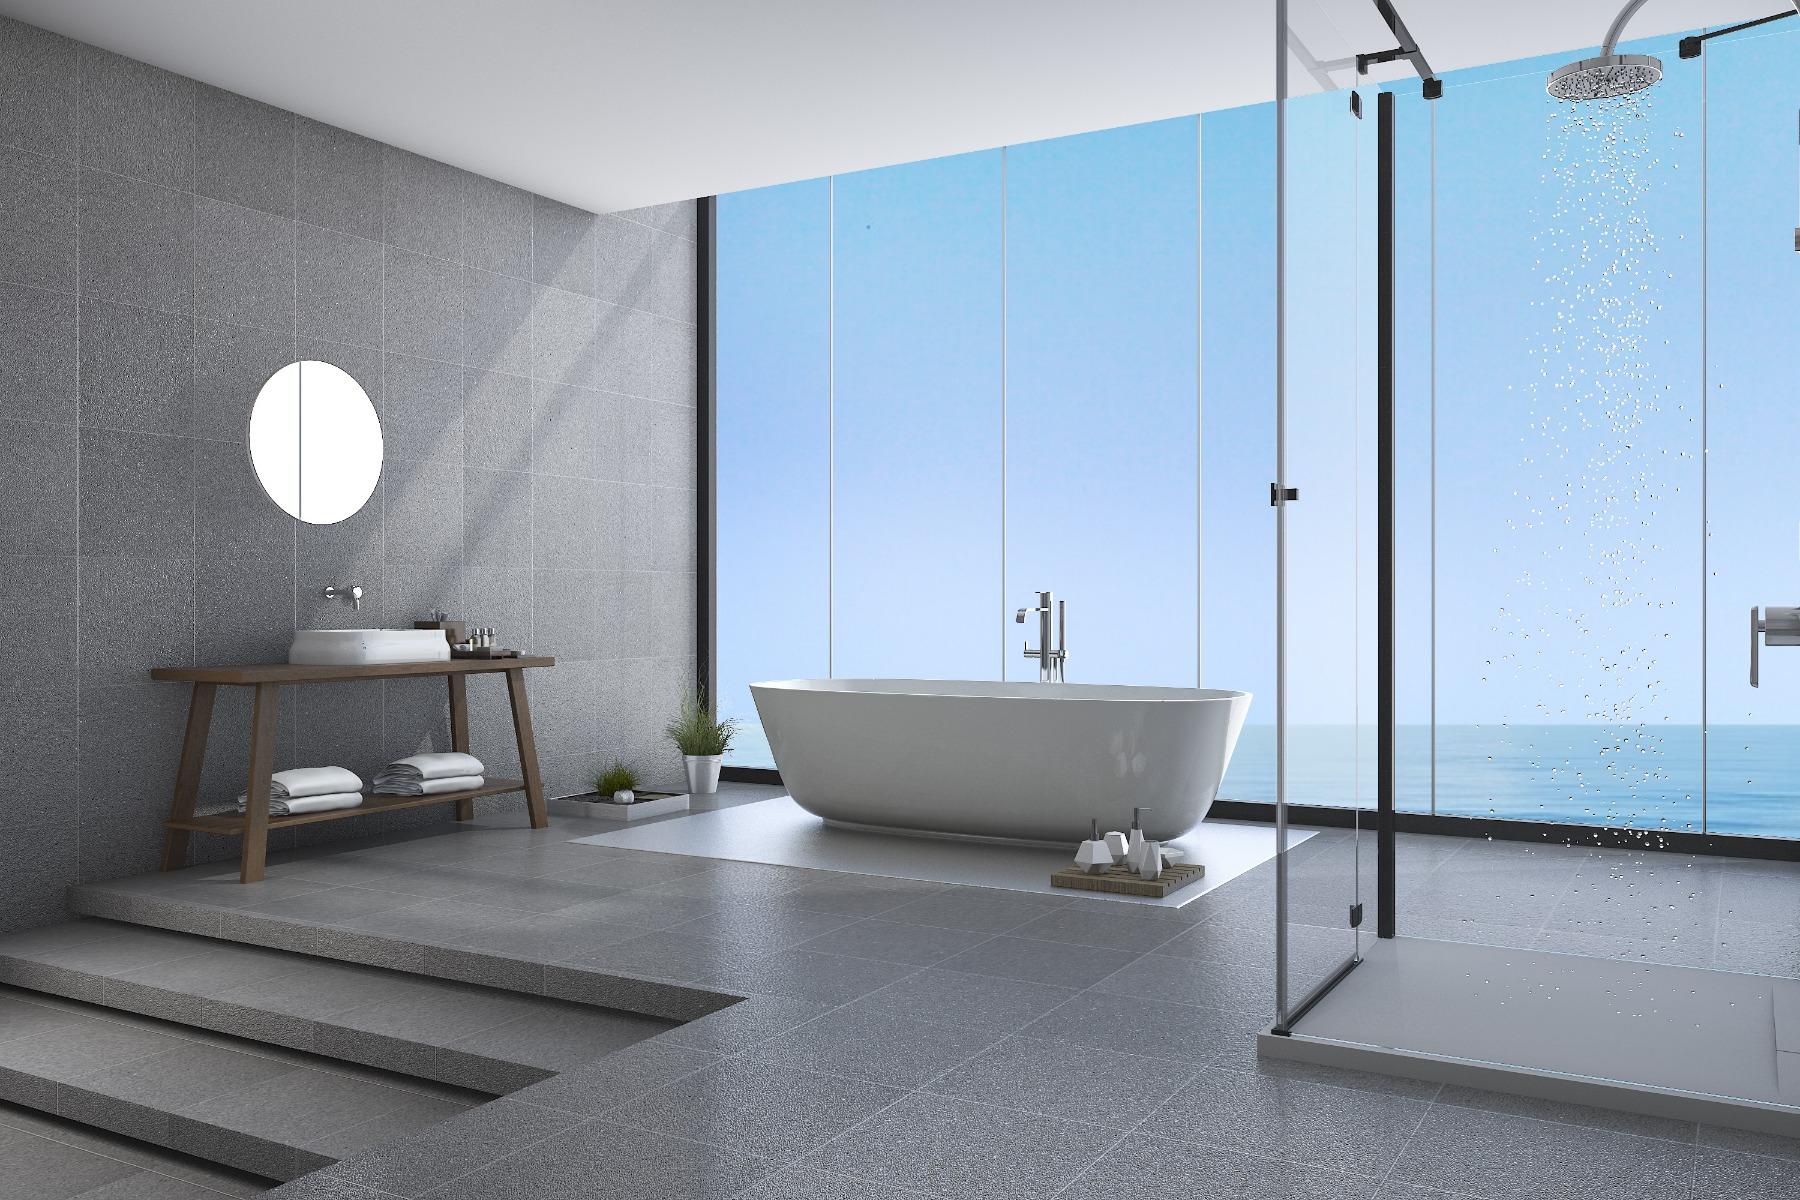 créer une ambiance bord de mer dans votre salle de bain !